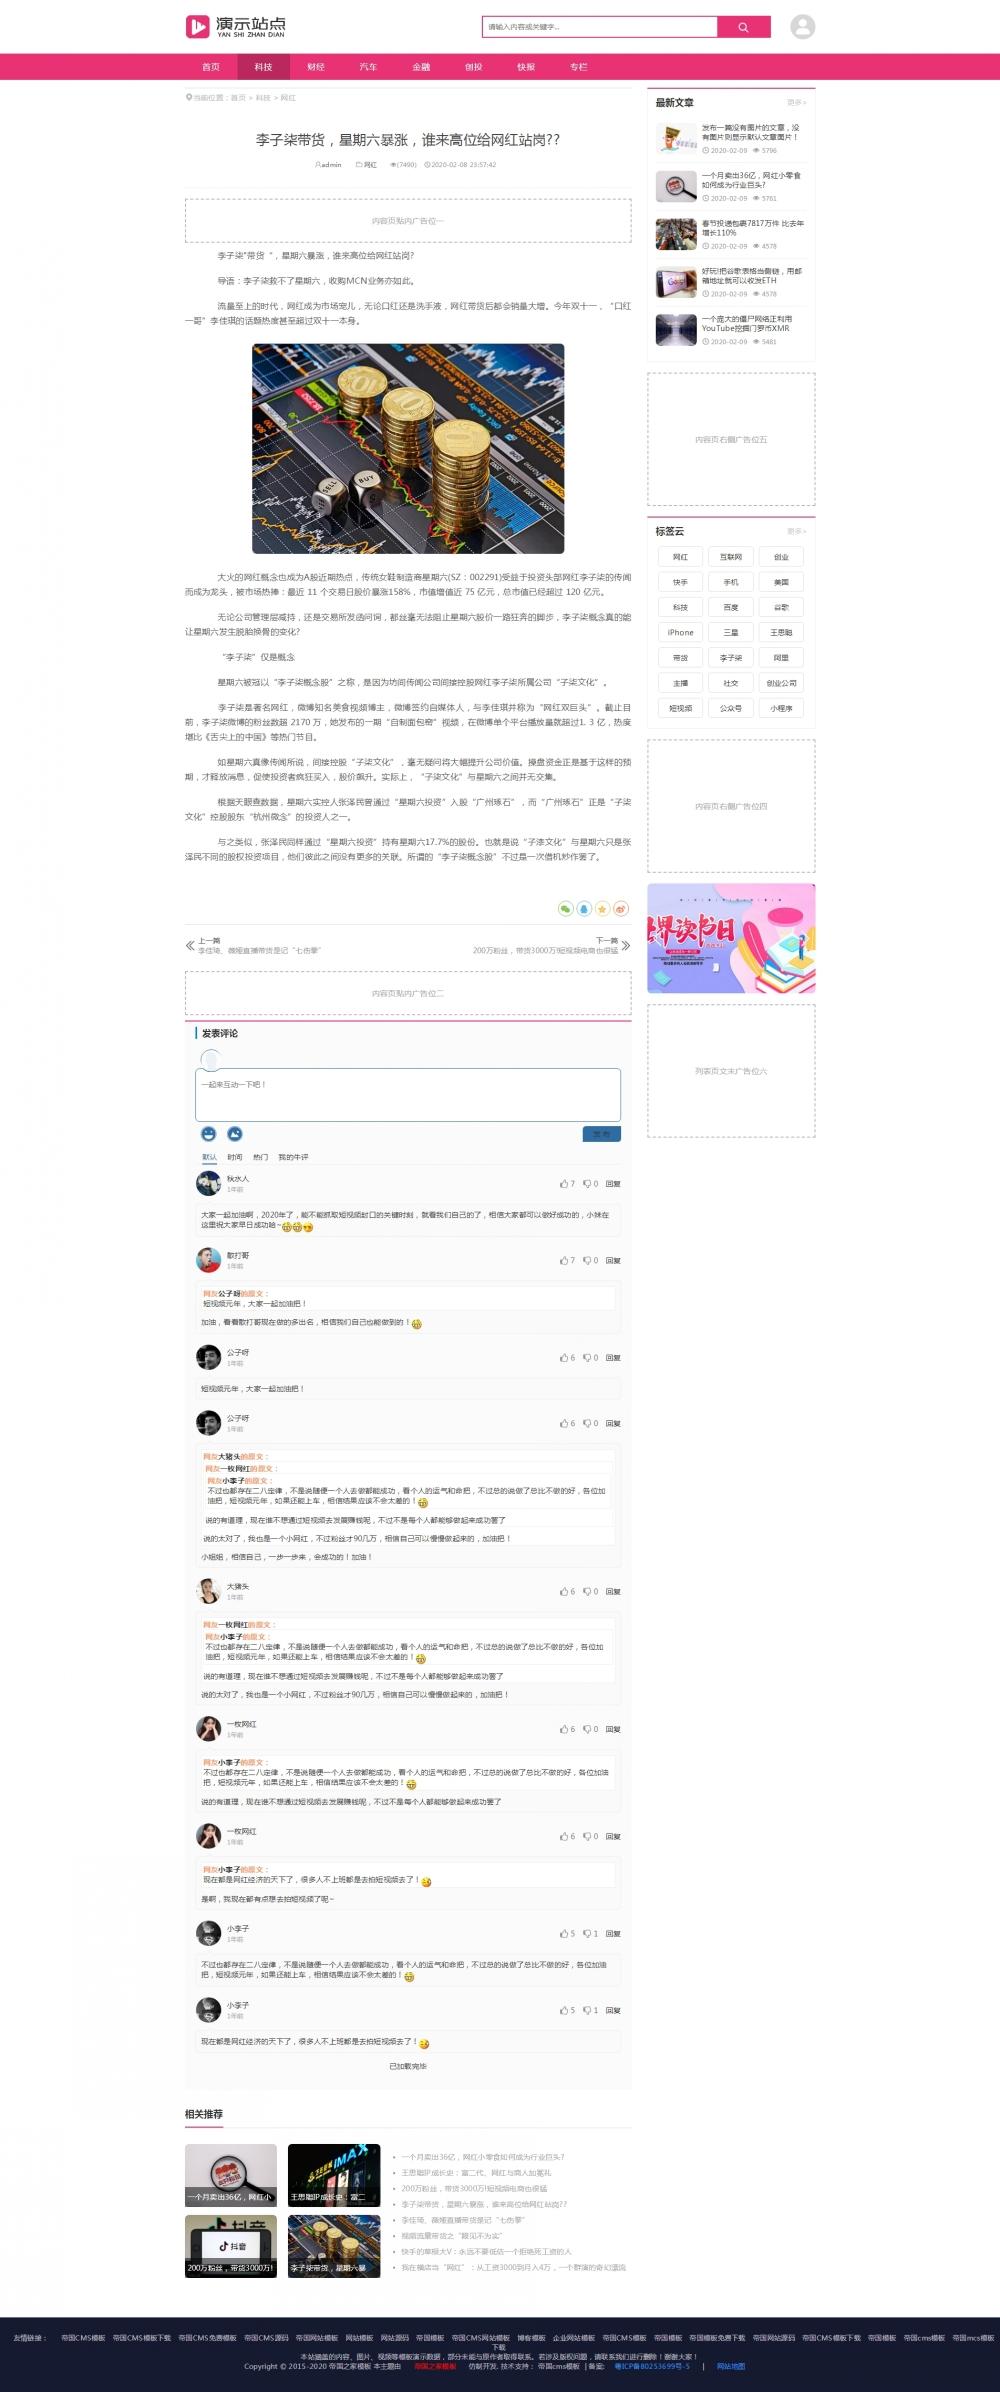 3文章内容页.jpg [DG-0200]粉色高端大气响应式自媒体帝国cms模板 自适应新闻资讯帝国网站模板下载 新闻资讯 第3张